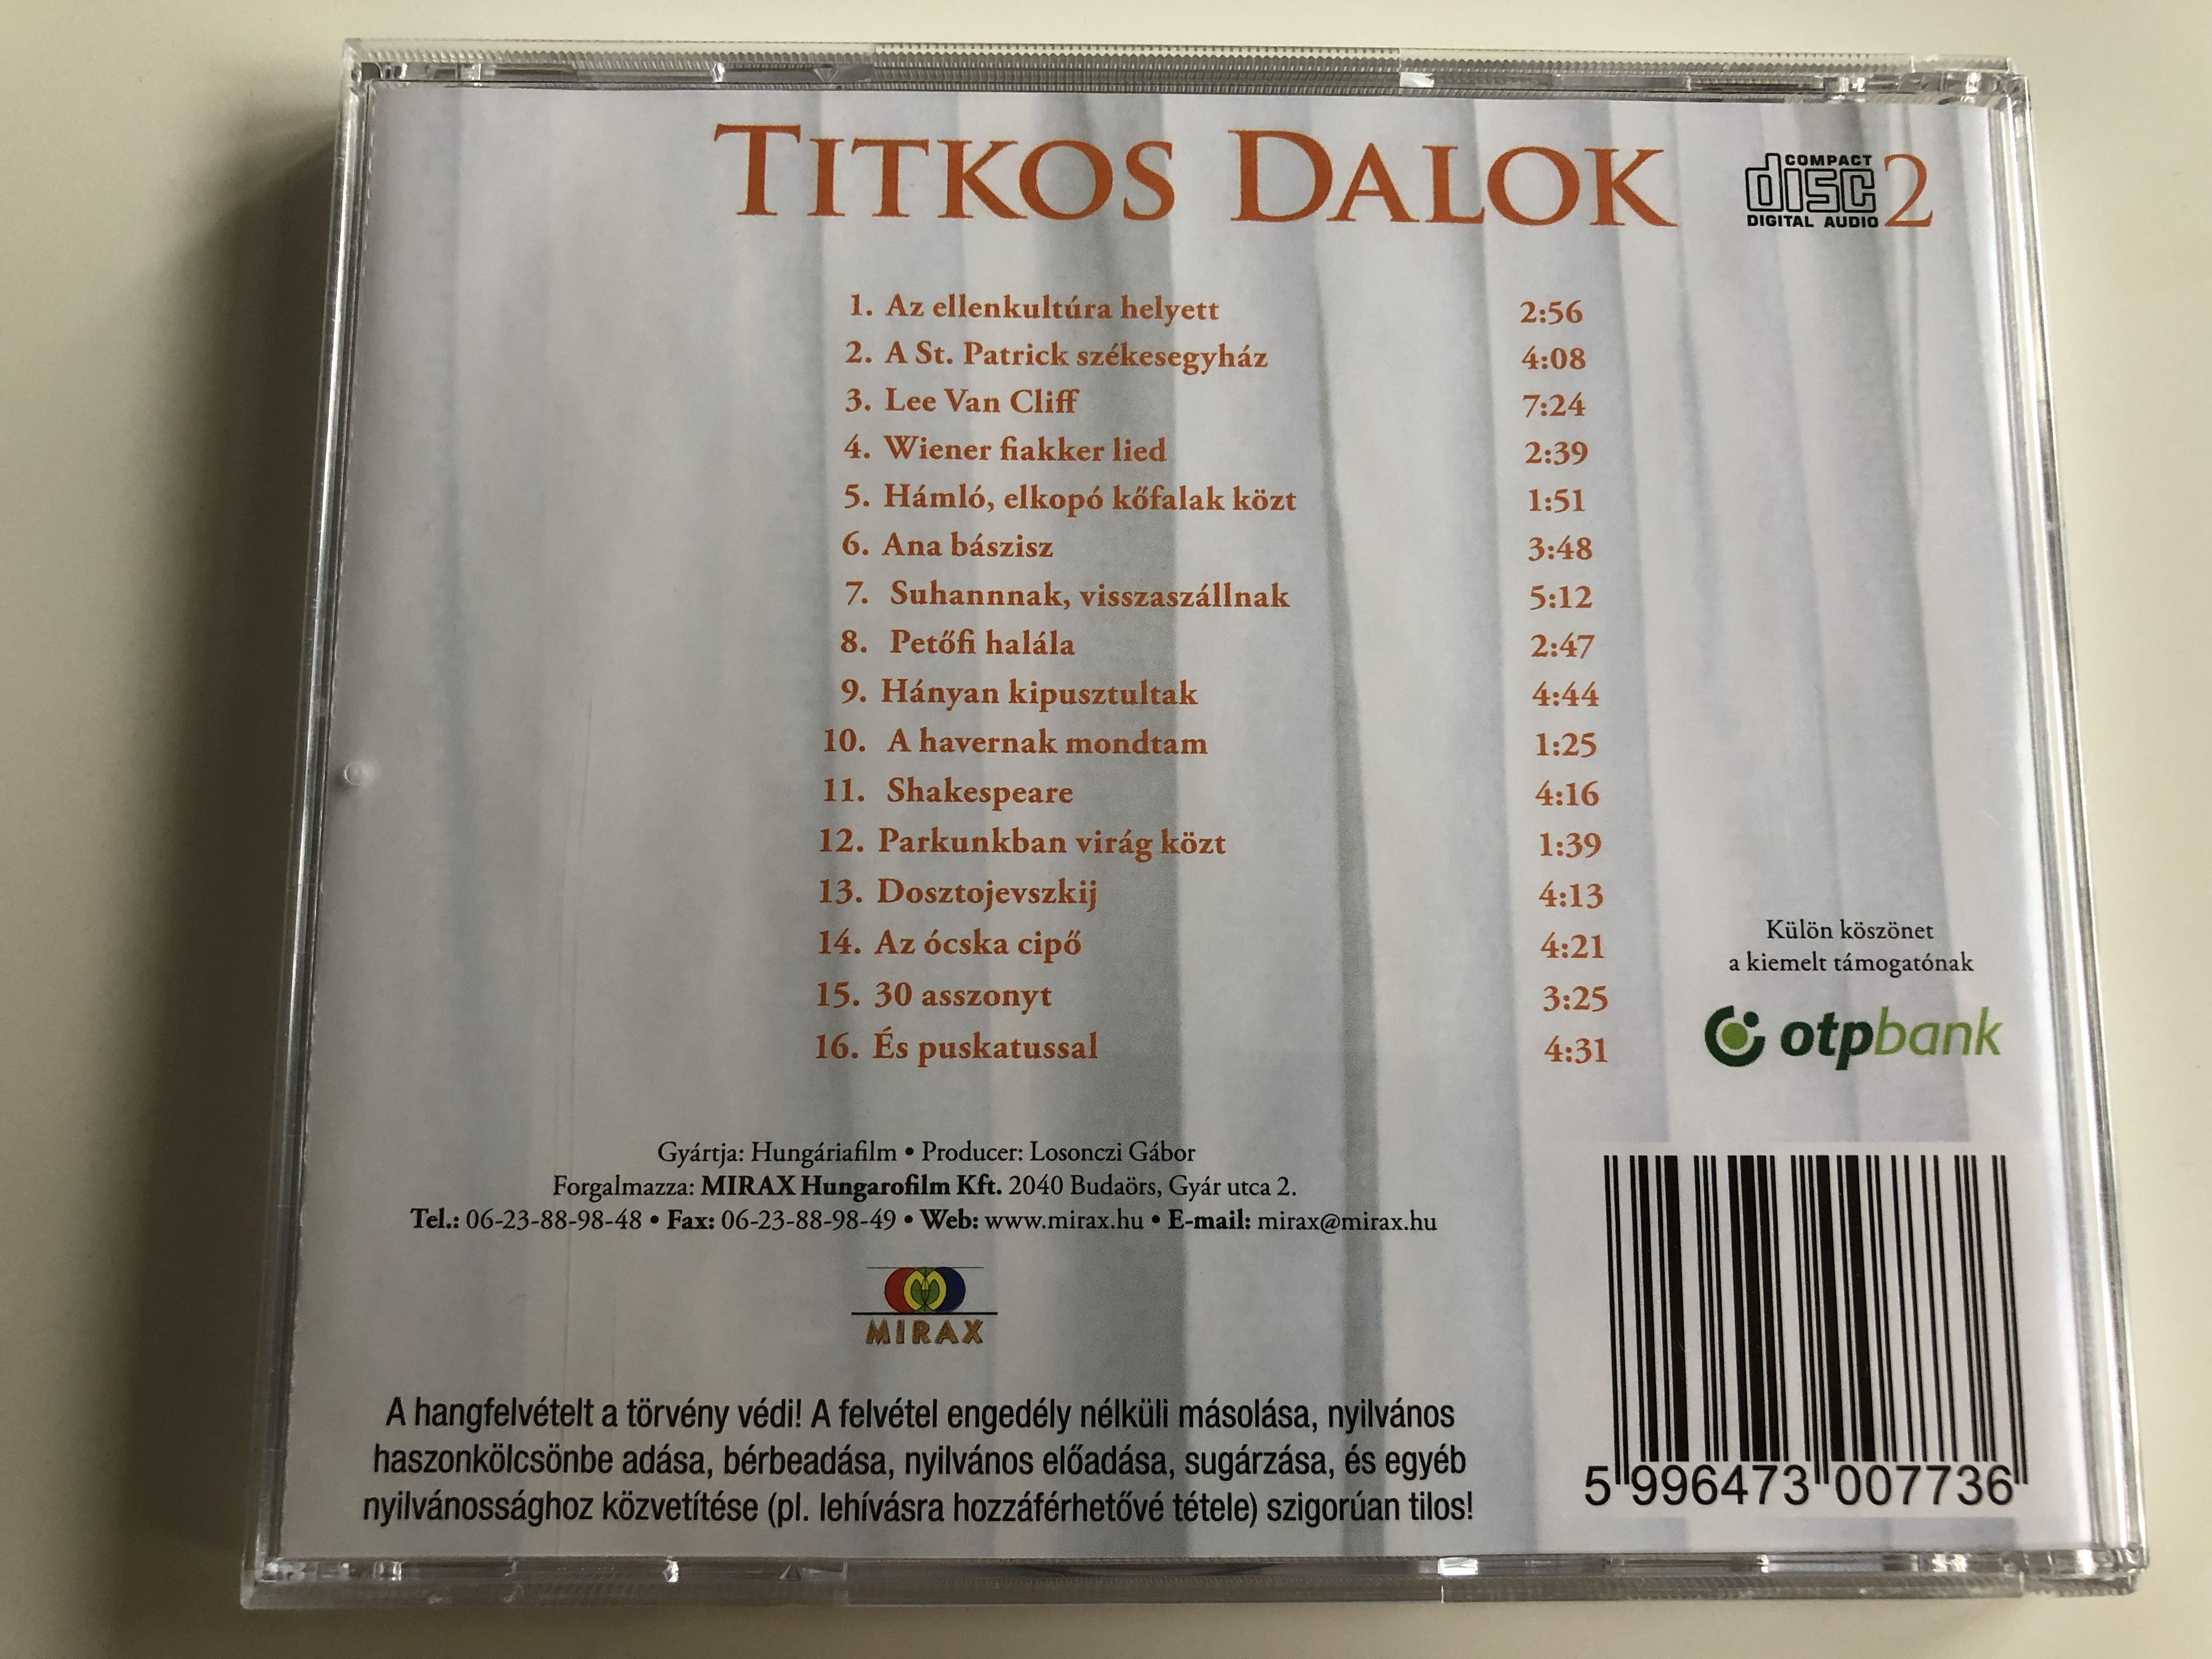 cseh-tam-s-titkos-dalok-2-az-ellenkult-ra-helyett-lee-van-cliff-ana-b-szisz-pet-fi-hal-la-shakespeare-az-cska-cip-audio-cd-2009-mirax-4-.jpg